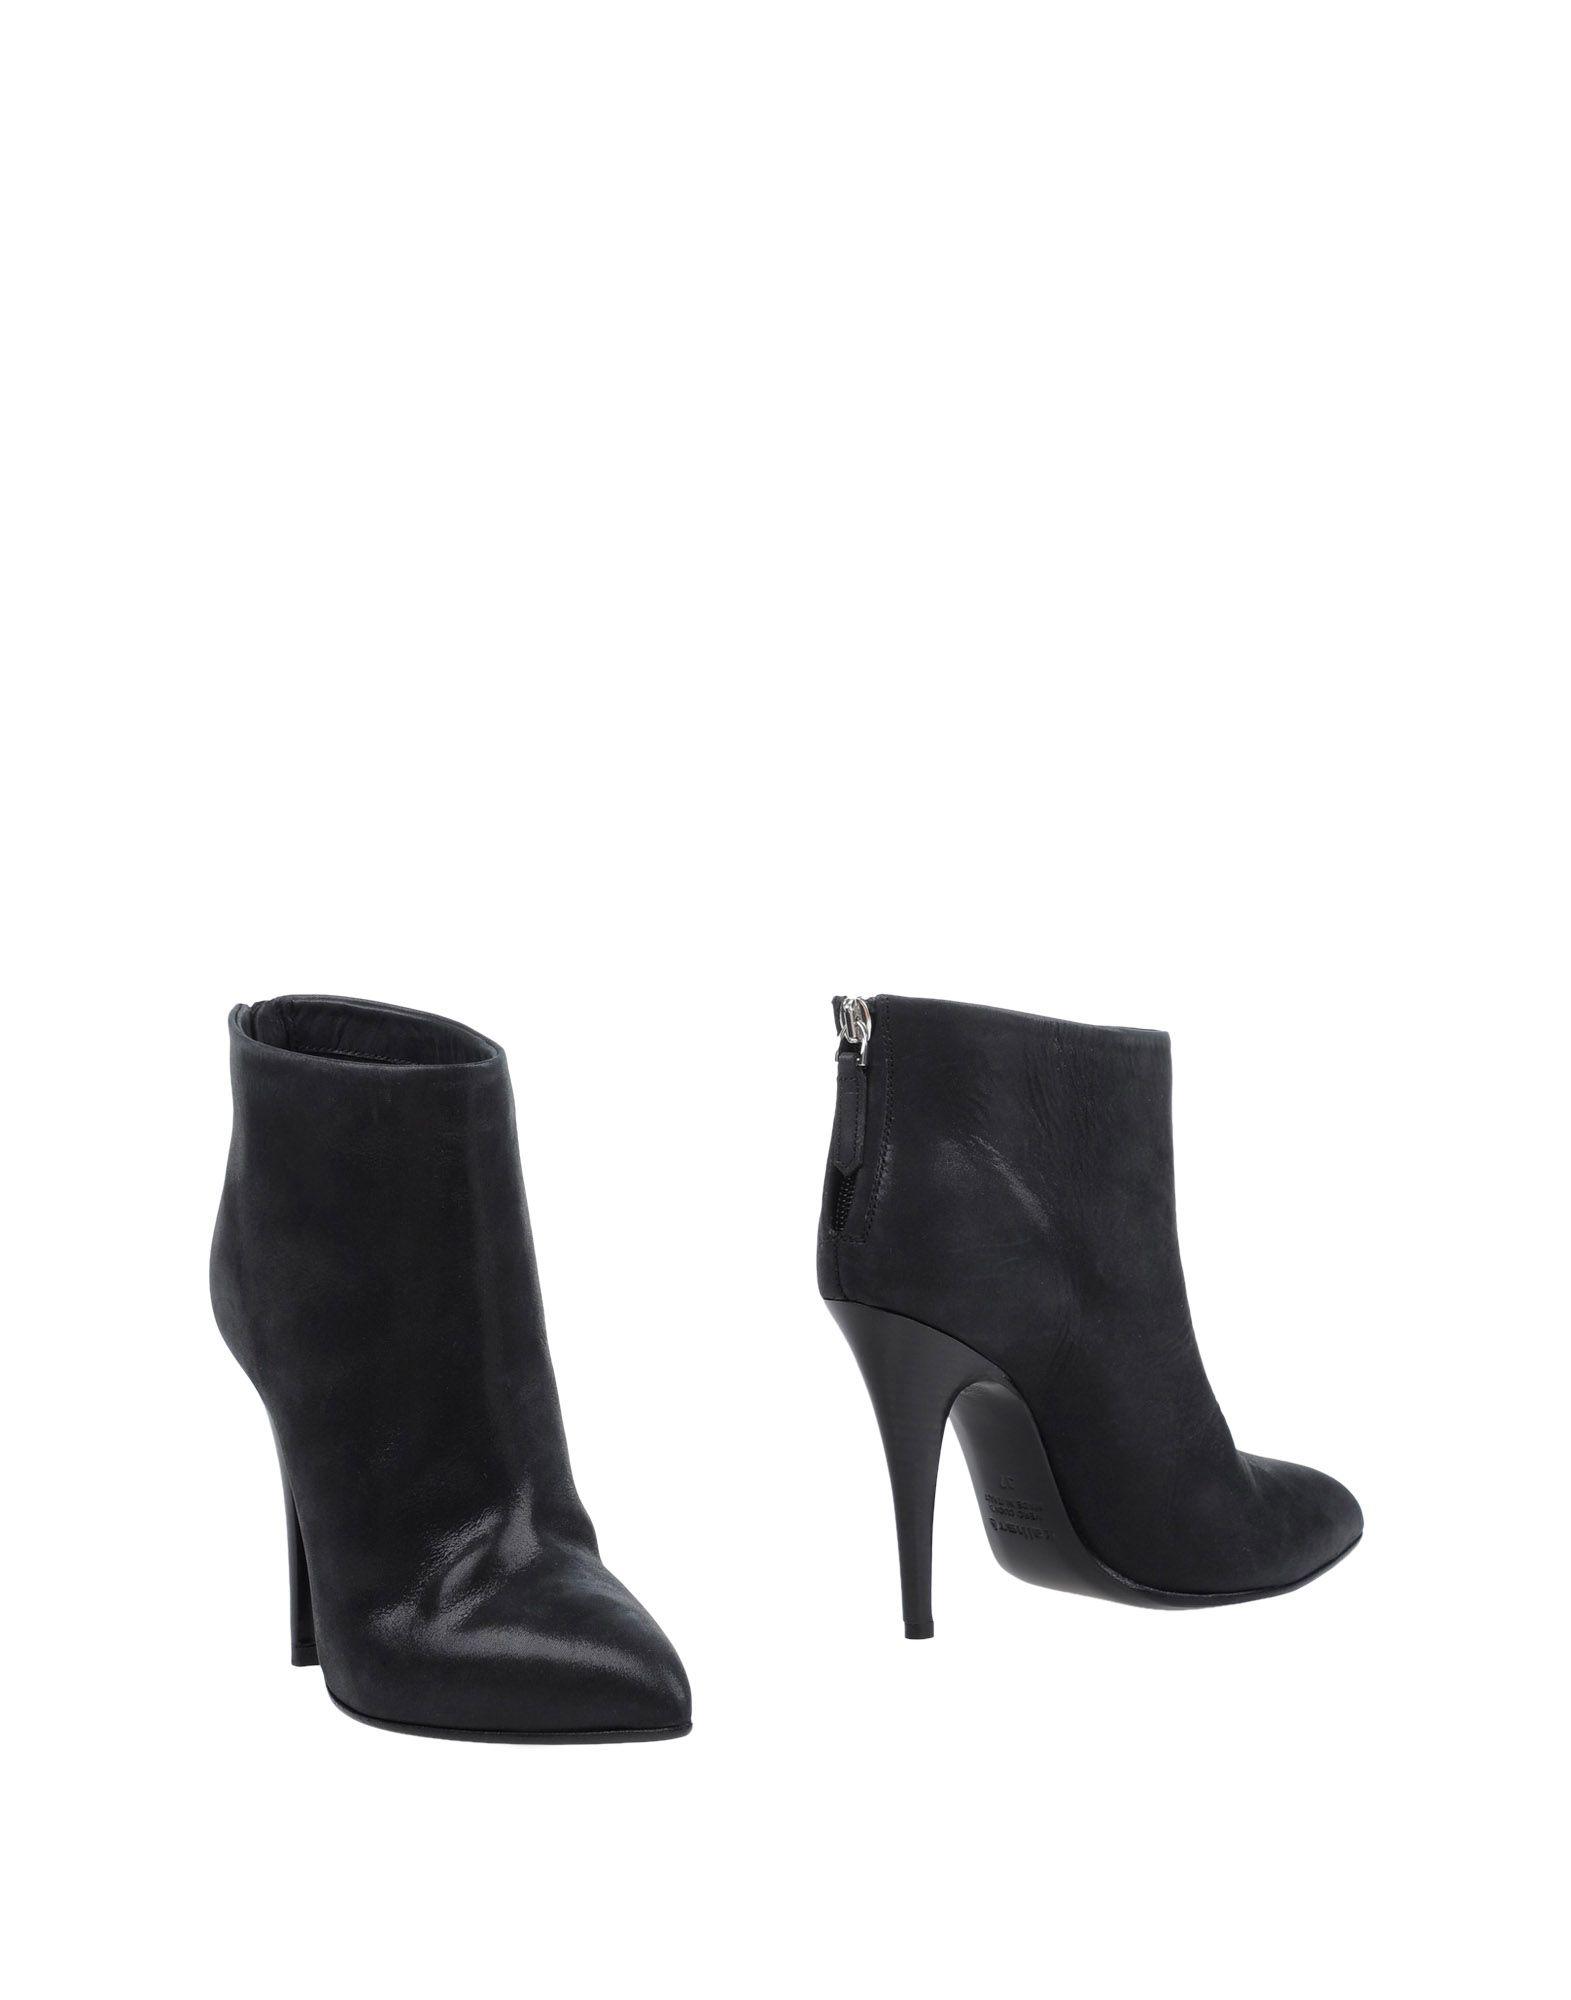 Kallistè Stiefelette Damen  11360783TQ Gute Qualität beliebte Schuhe